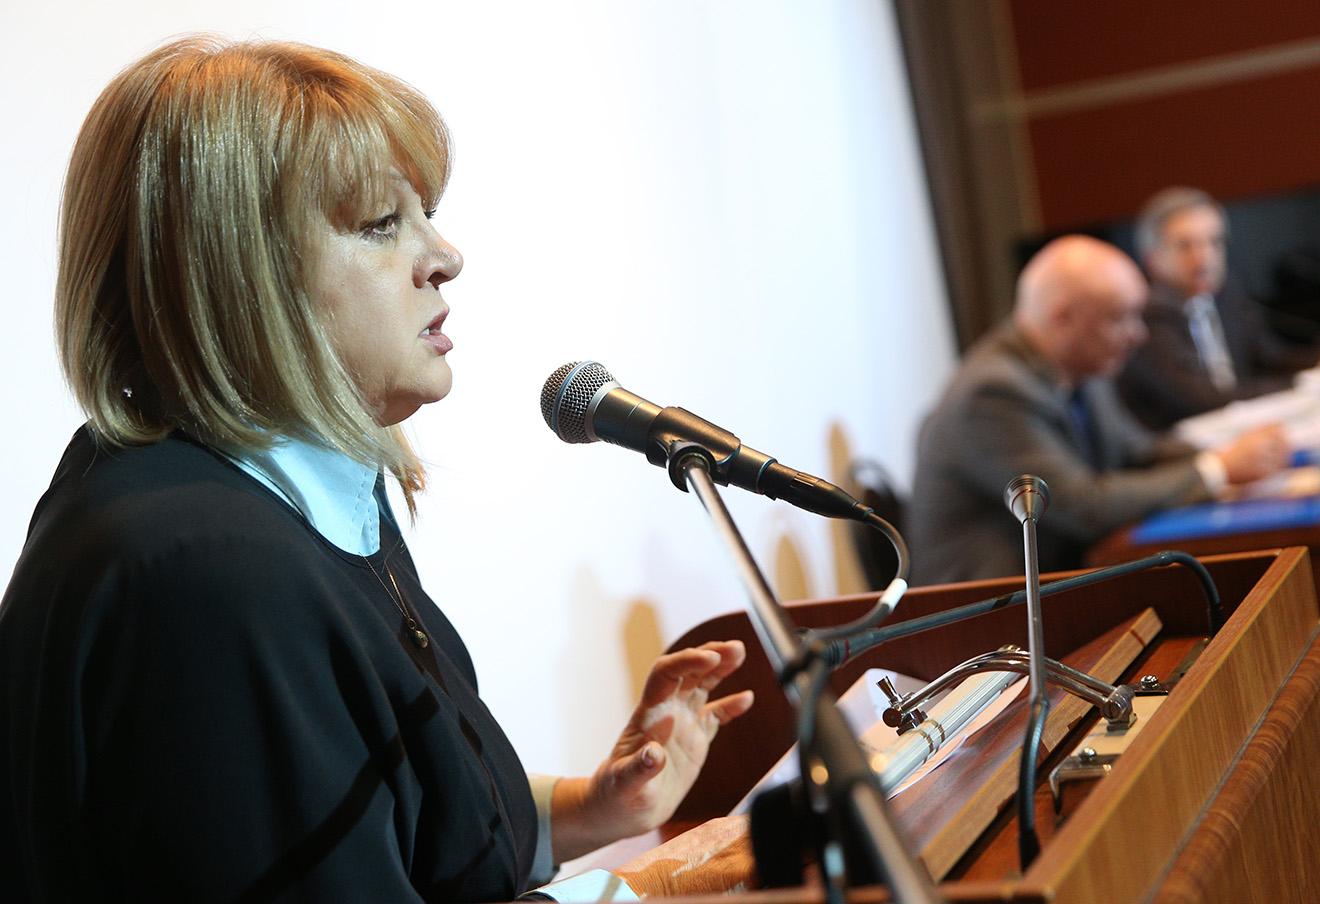 Элла Памфилова во время заседания Кординационного совета российских уполномоченных по правам человека.